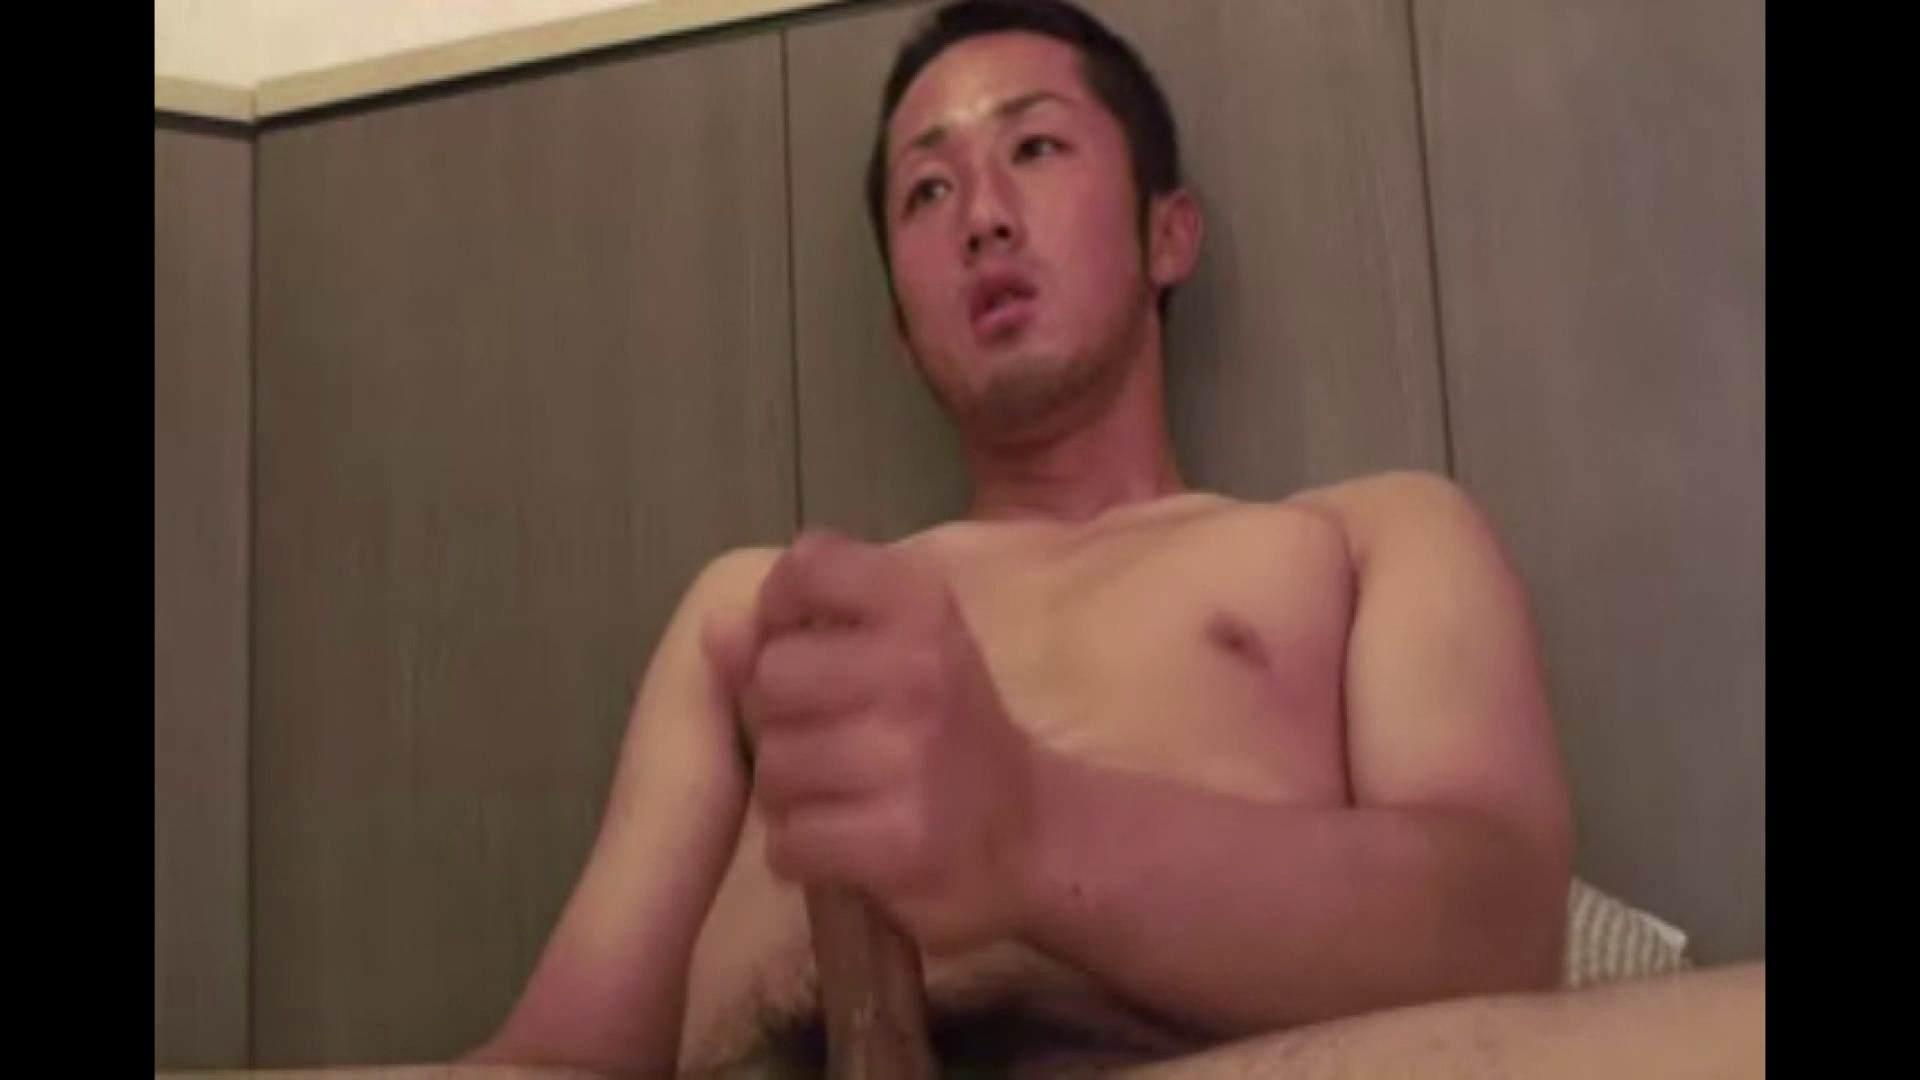 ノンケイケメンの欲望と肉棒 Vol.4 肉   ノンケボーイズ  52pic 52